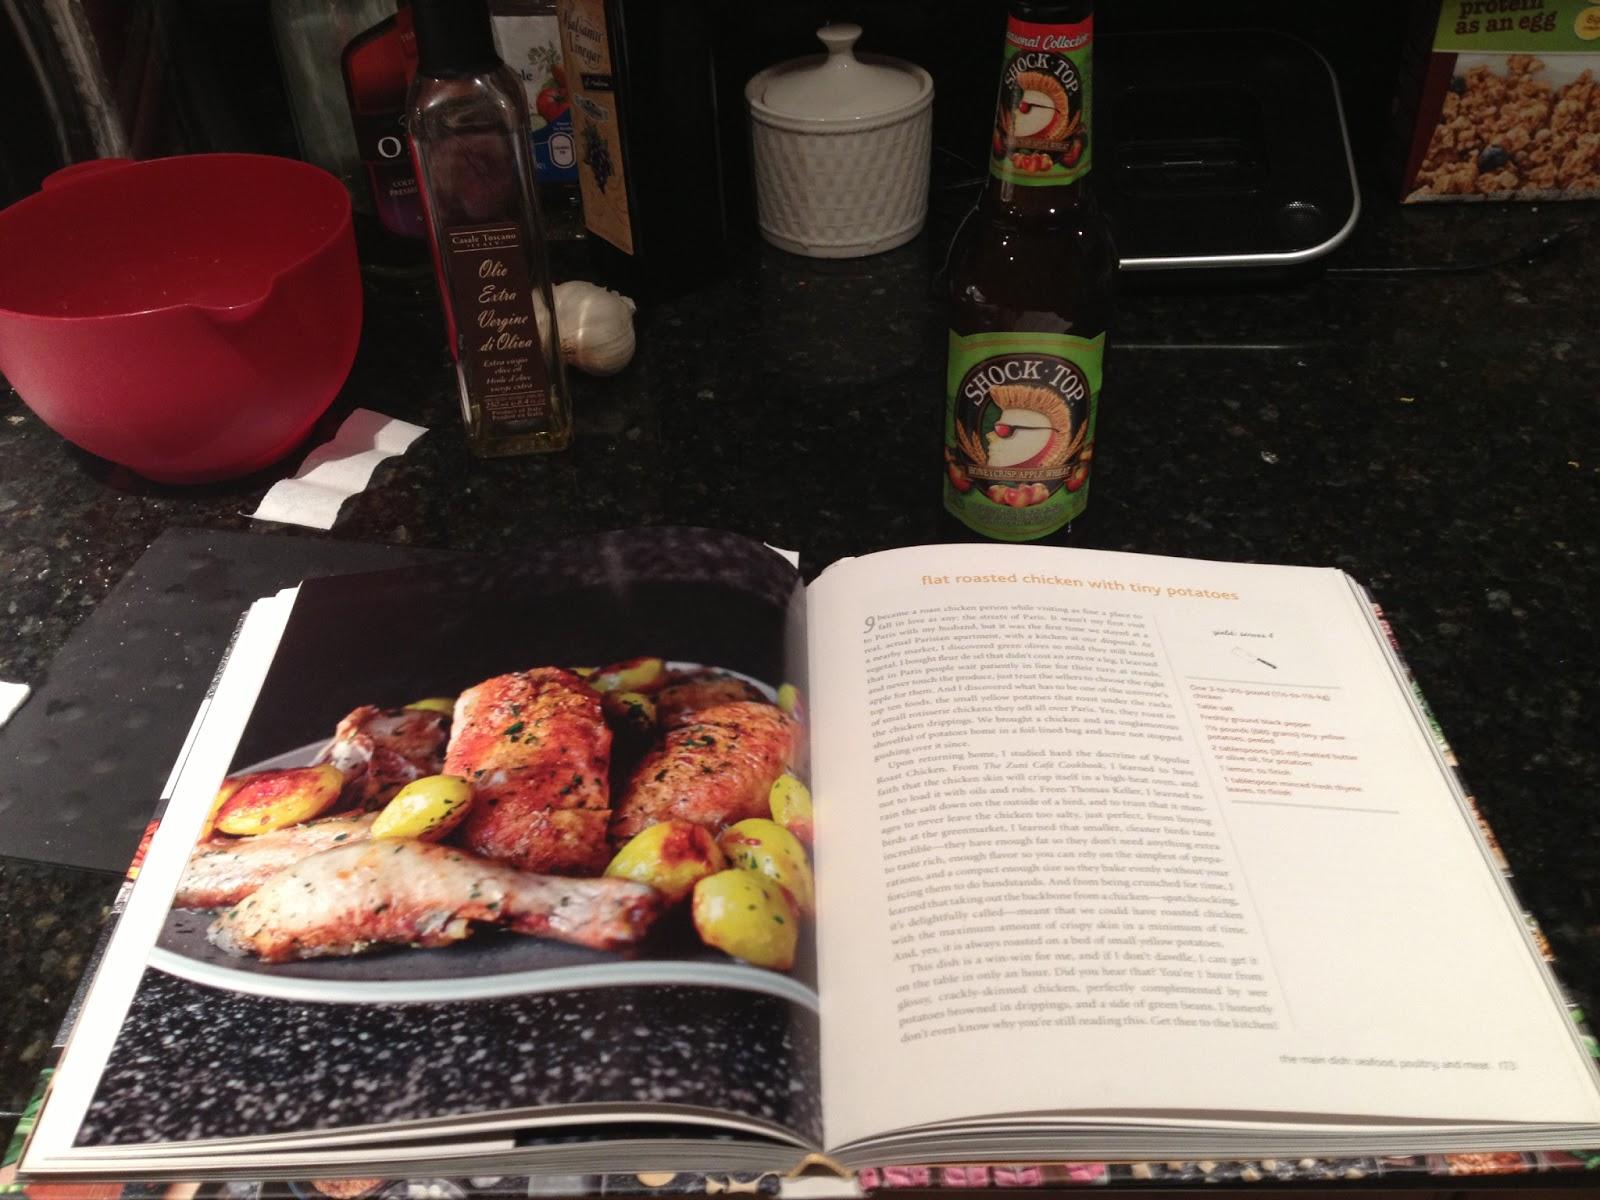 Stranded In Chicago Recipe Smitten Kitchen Flat Roasted Chicken